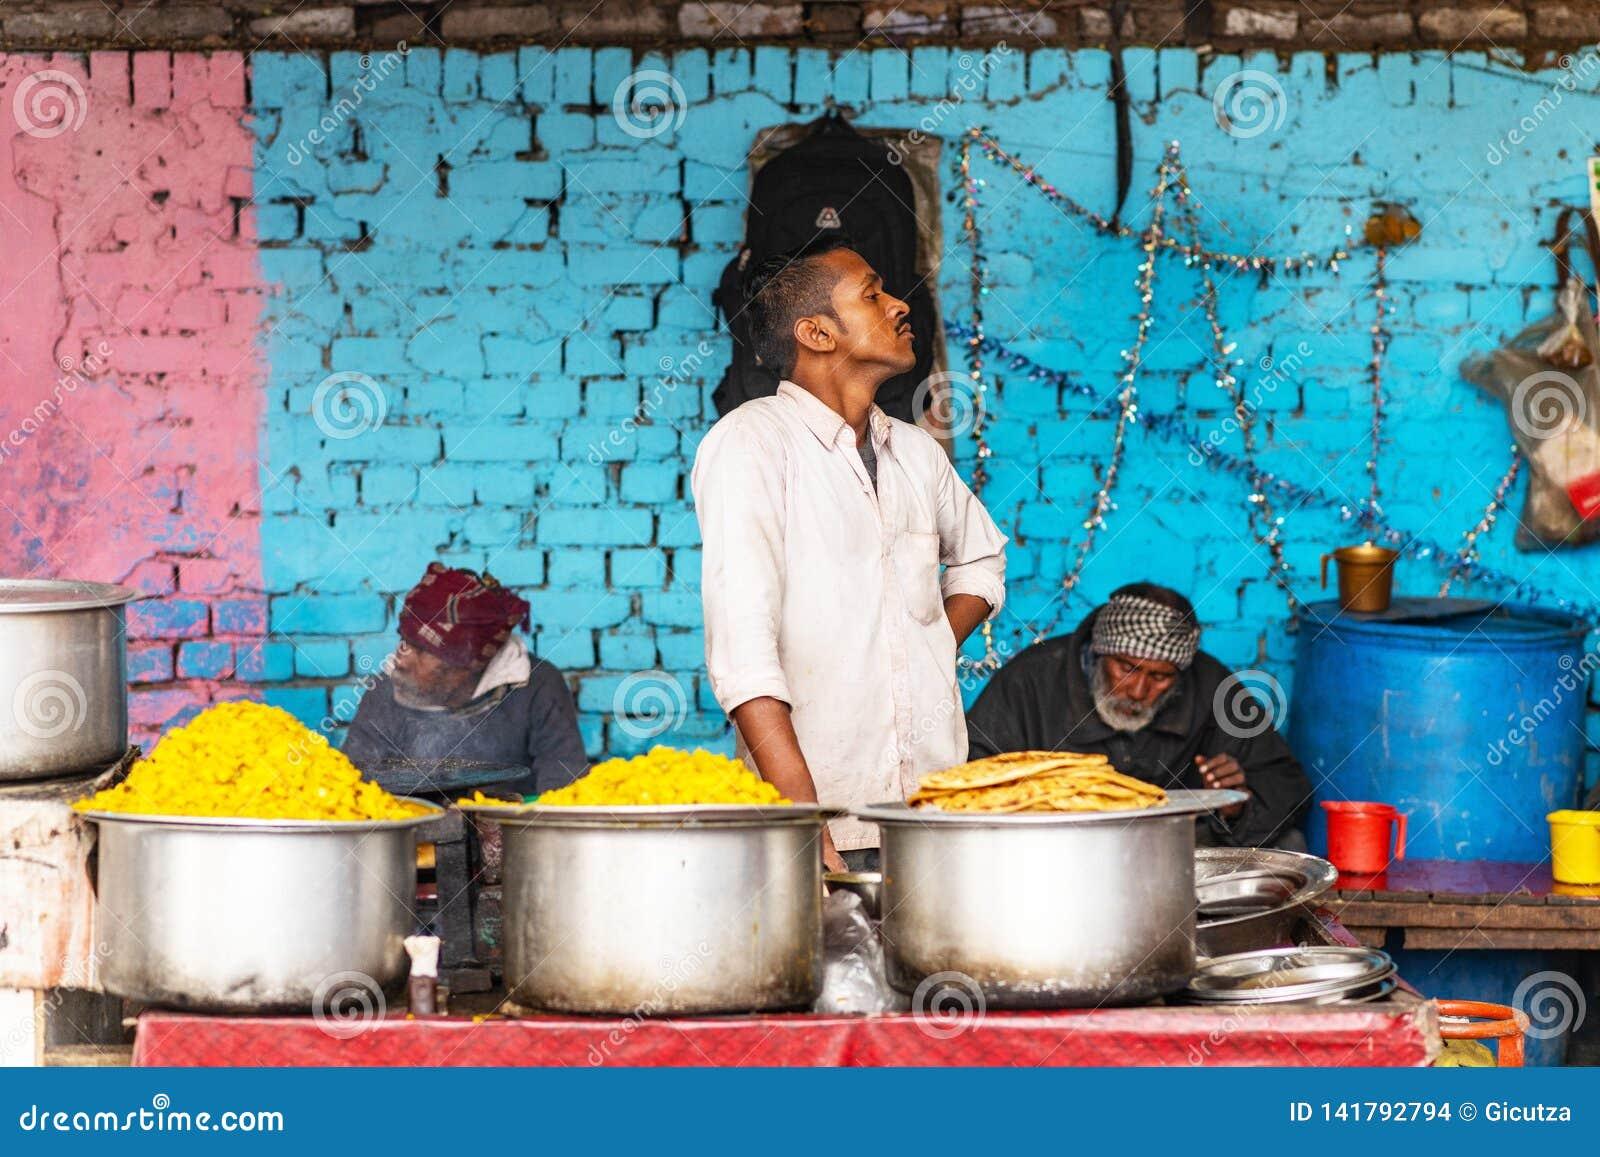 Food vendor New Delhi